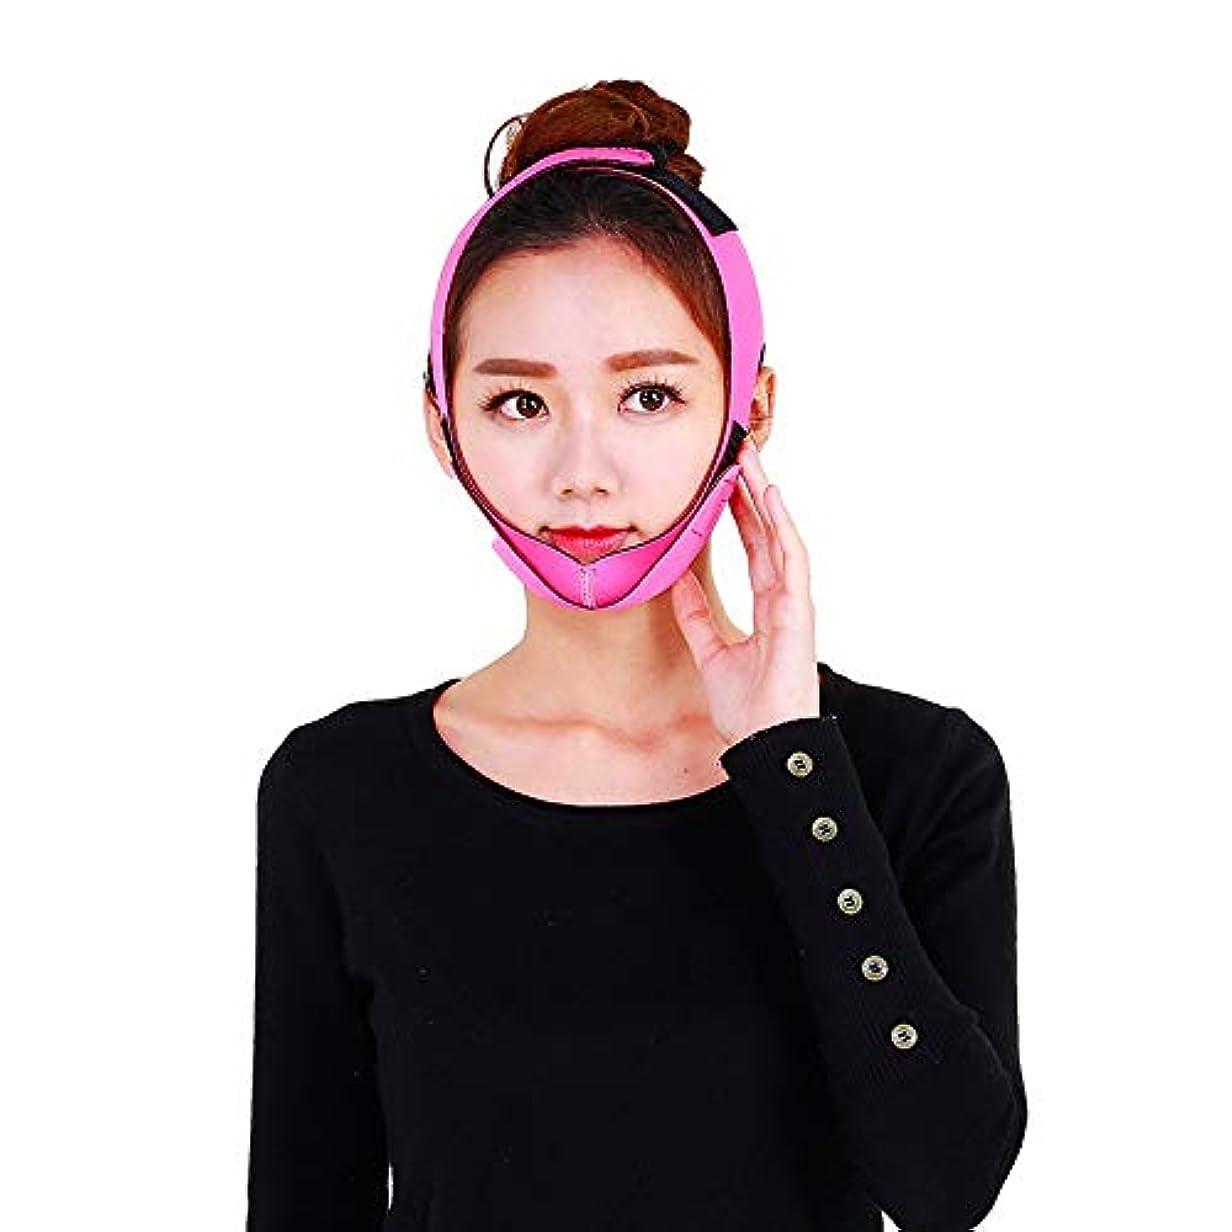 酔う夫信頼性GYZ 顔の持ち上がる痩身ベルト - 薄い顔包帯二重あごのデバイス無料の顔のマッサージ整形マスクが顔と首を締めます Thin Face Belt